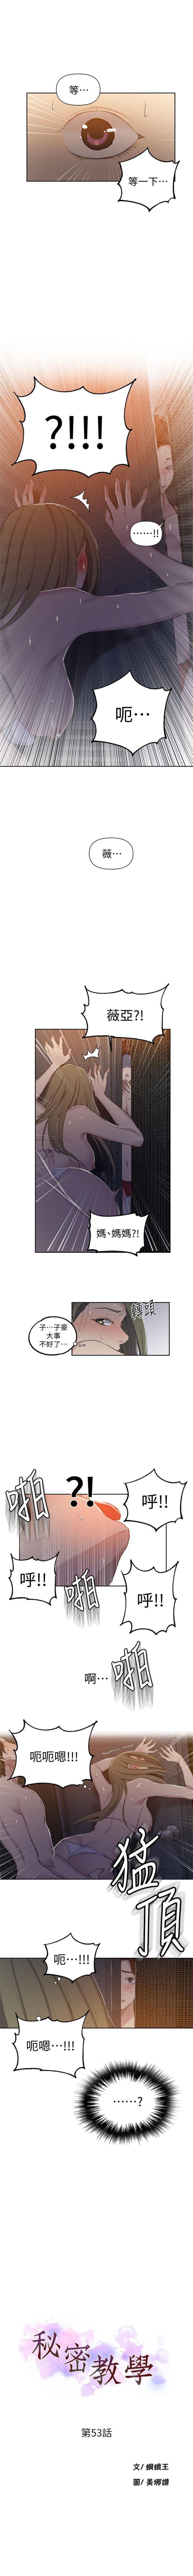 秘密教學  1-55 官方中文(連載中) 367